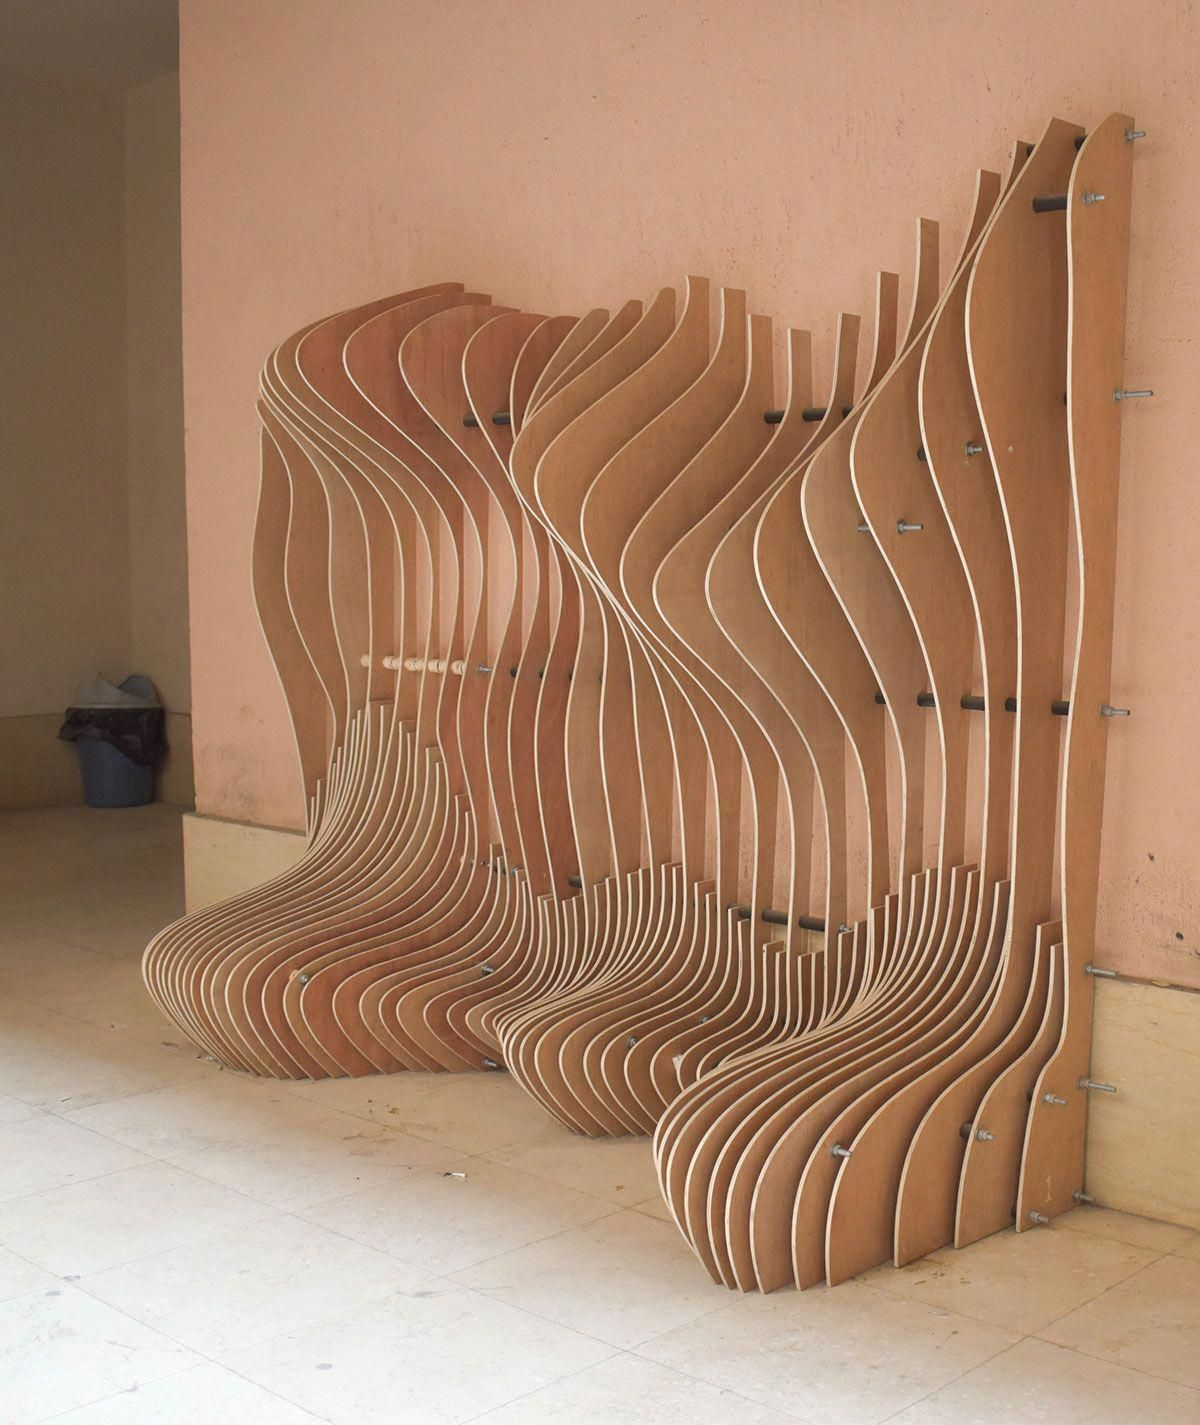 Top Furniture Brands Furniture60s Id 8201382974 En 2020 Deco Maison Interieur Mobilier En Bois